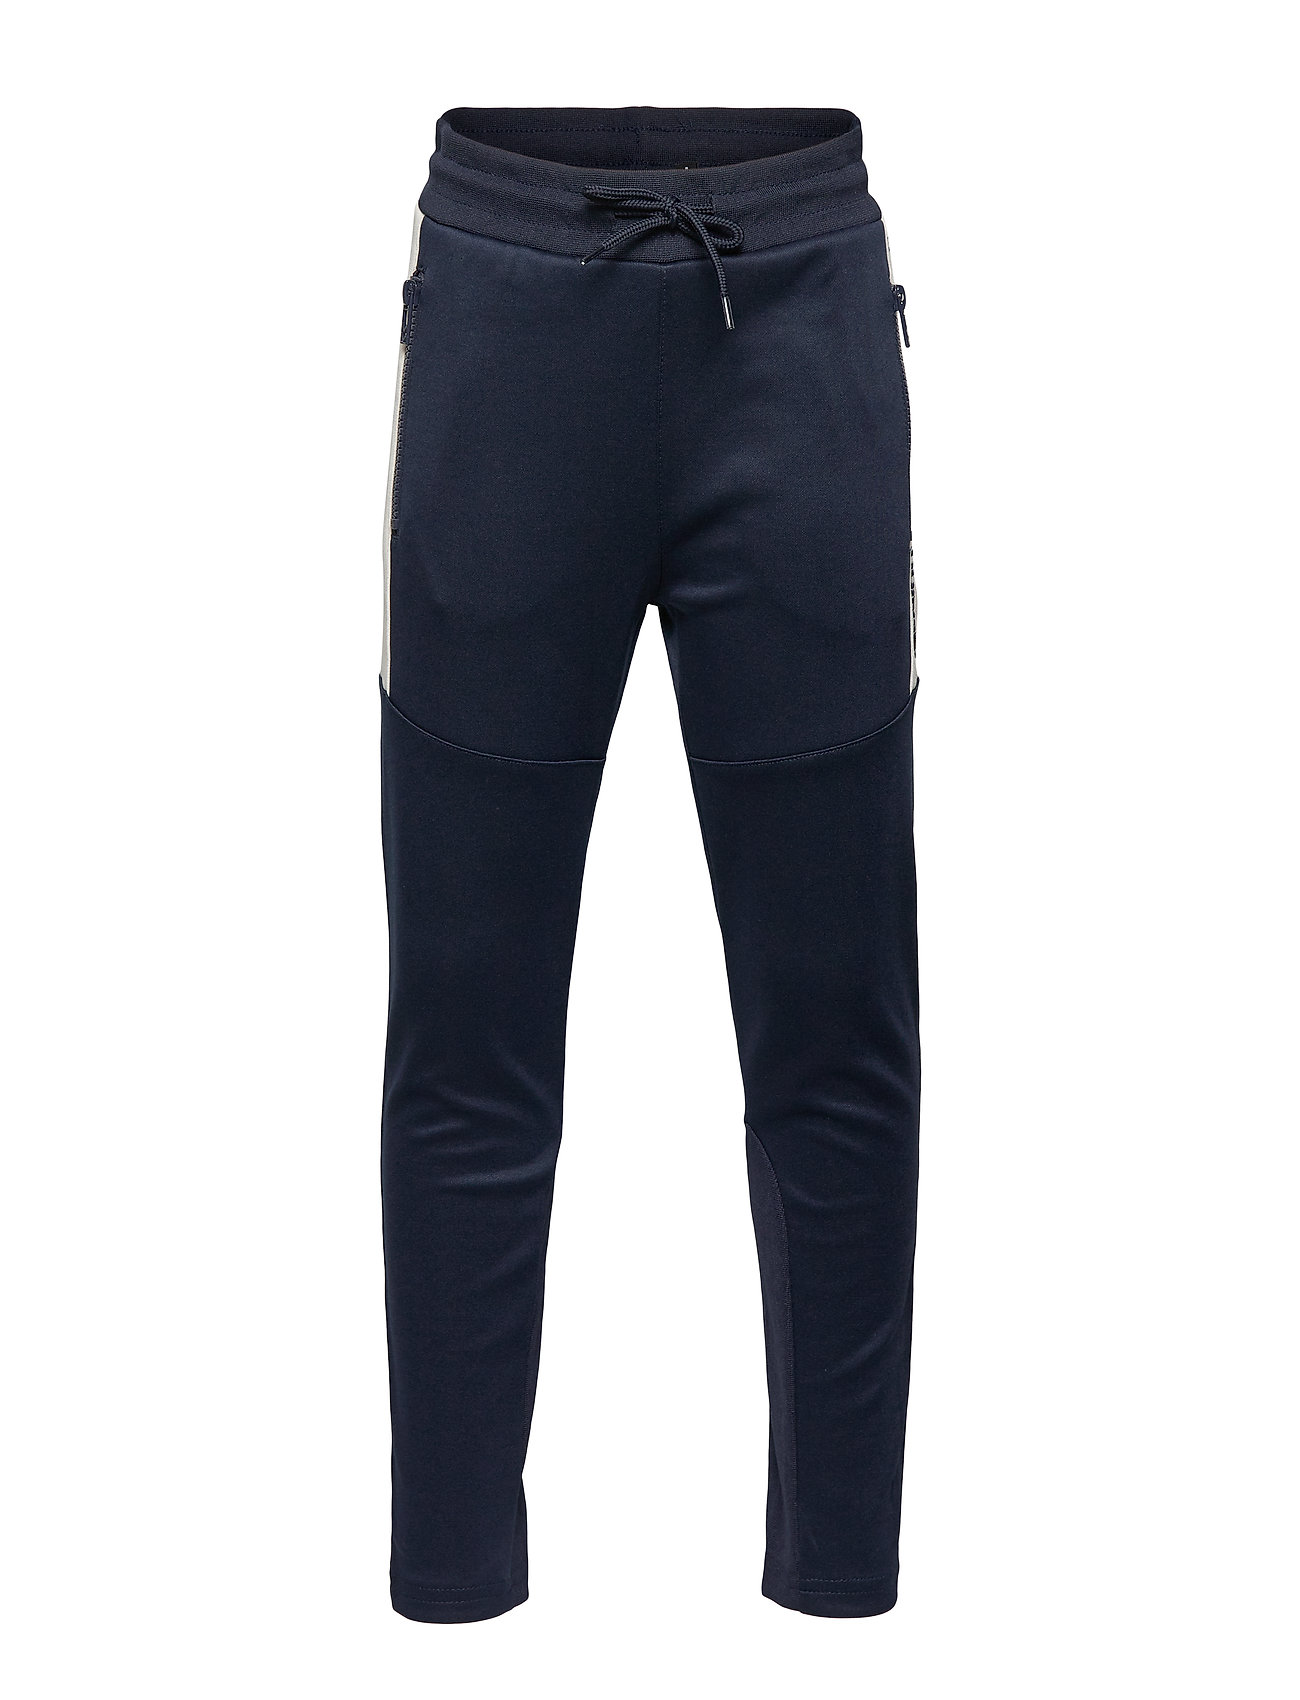 Hummel hmlALEX PANTS - BLACK IRIS